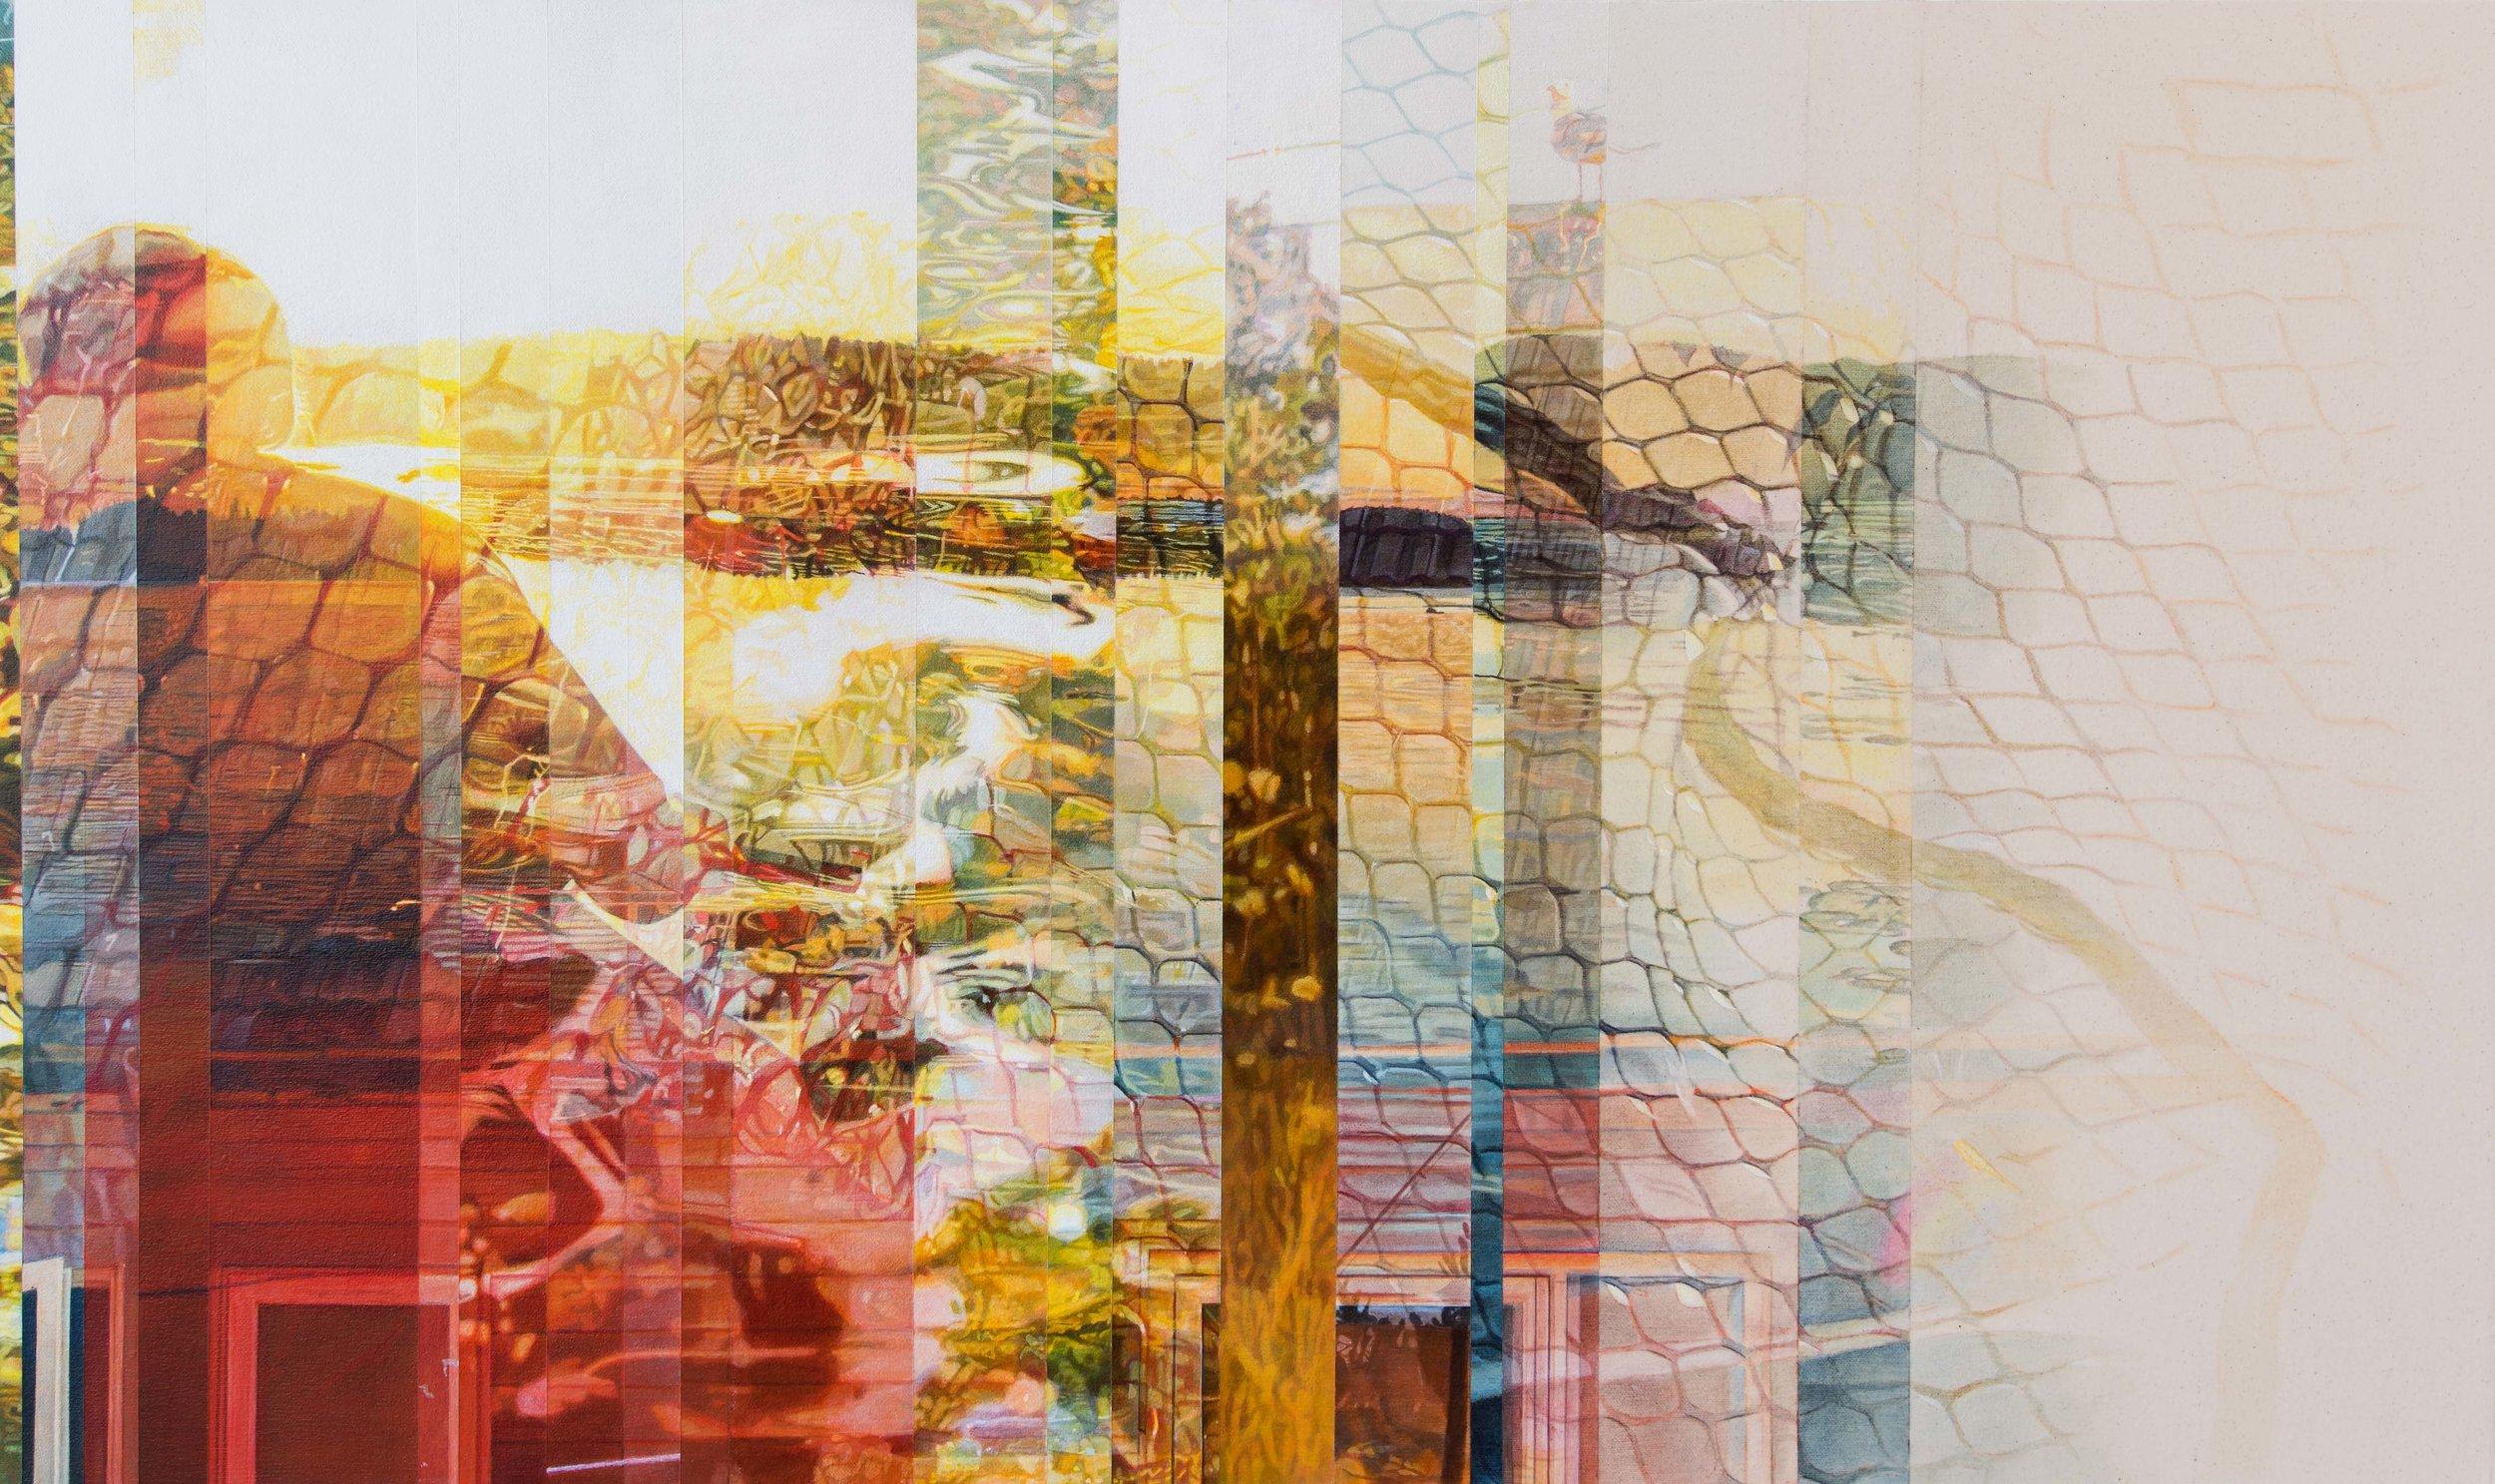 Volonté, hasard ou destin  Acrylique sur toile 24 x 40 pouces 2018 Collection privée Crédit photo: Donald Trépanier